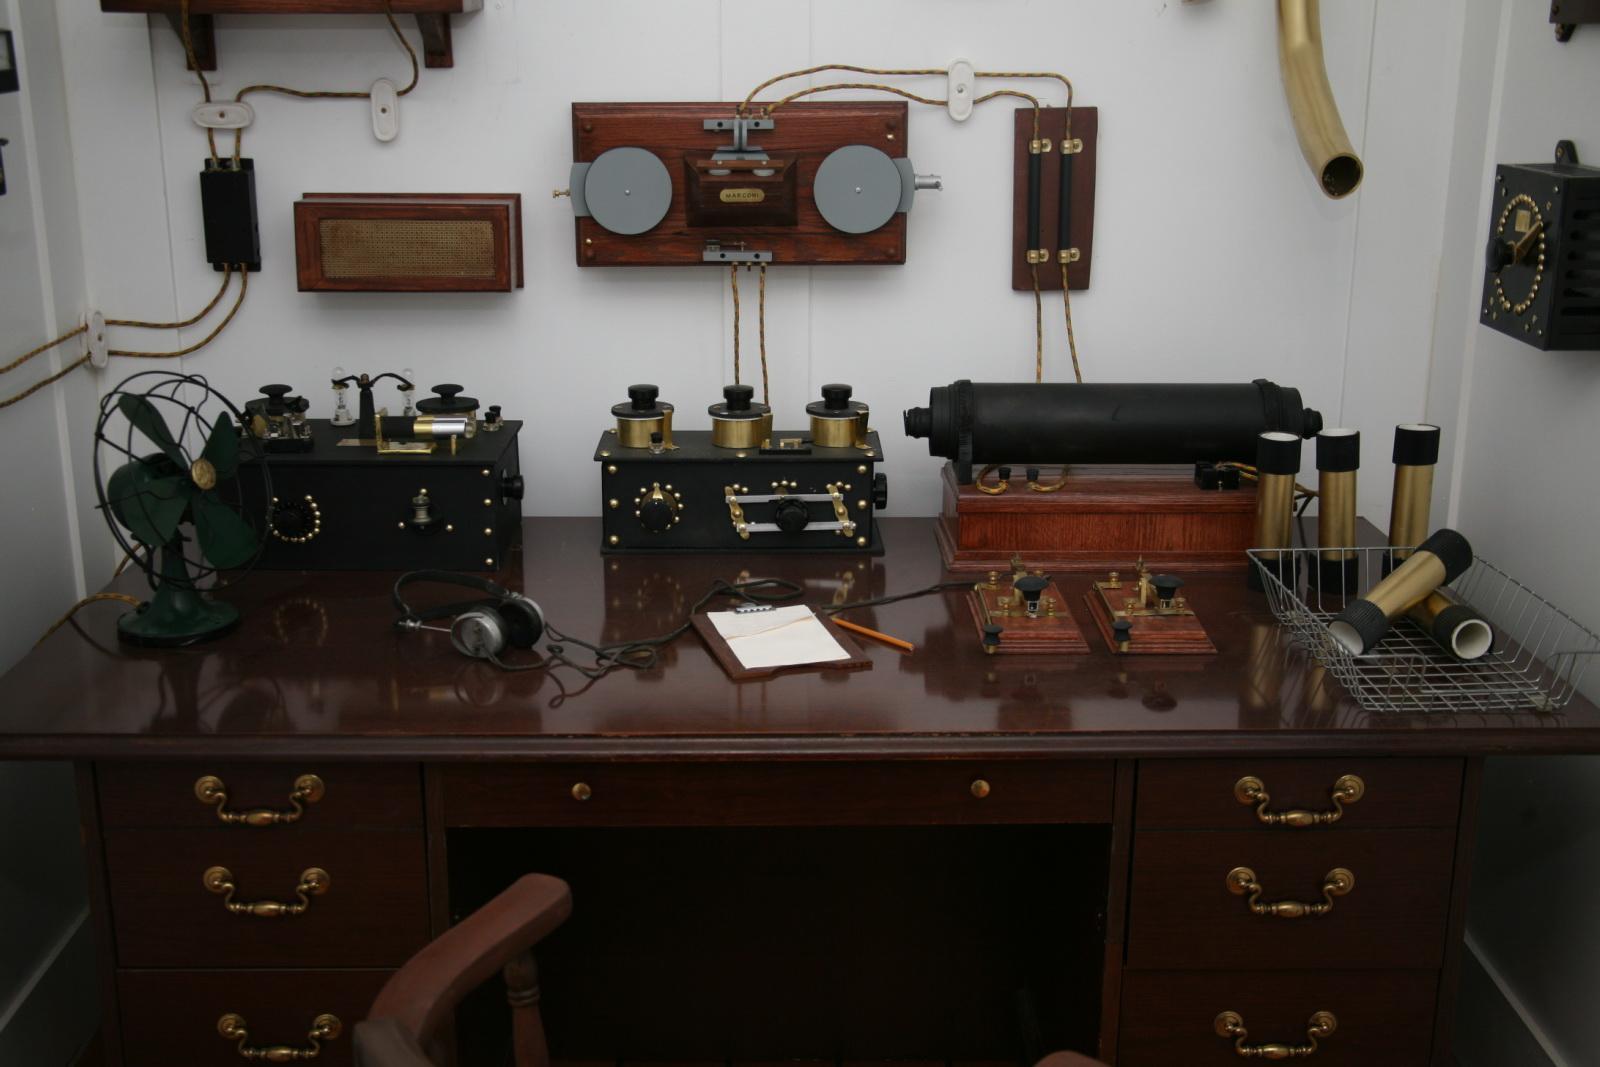 Titanic's Marconi apparatus